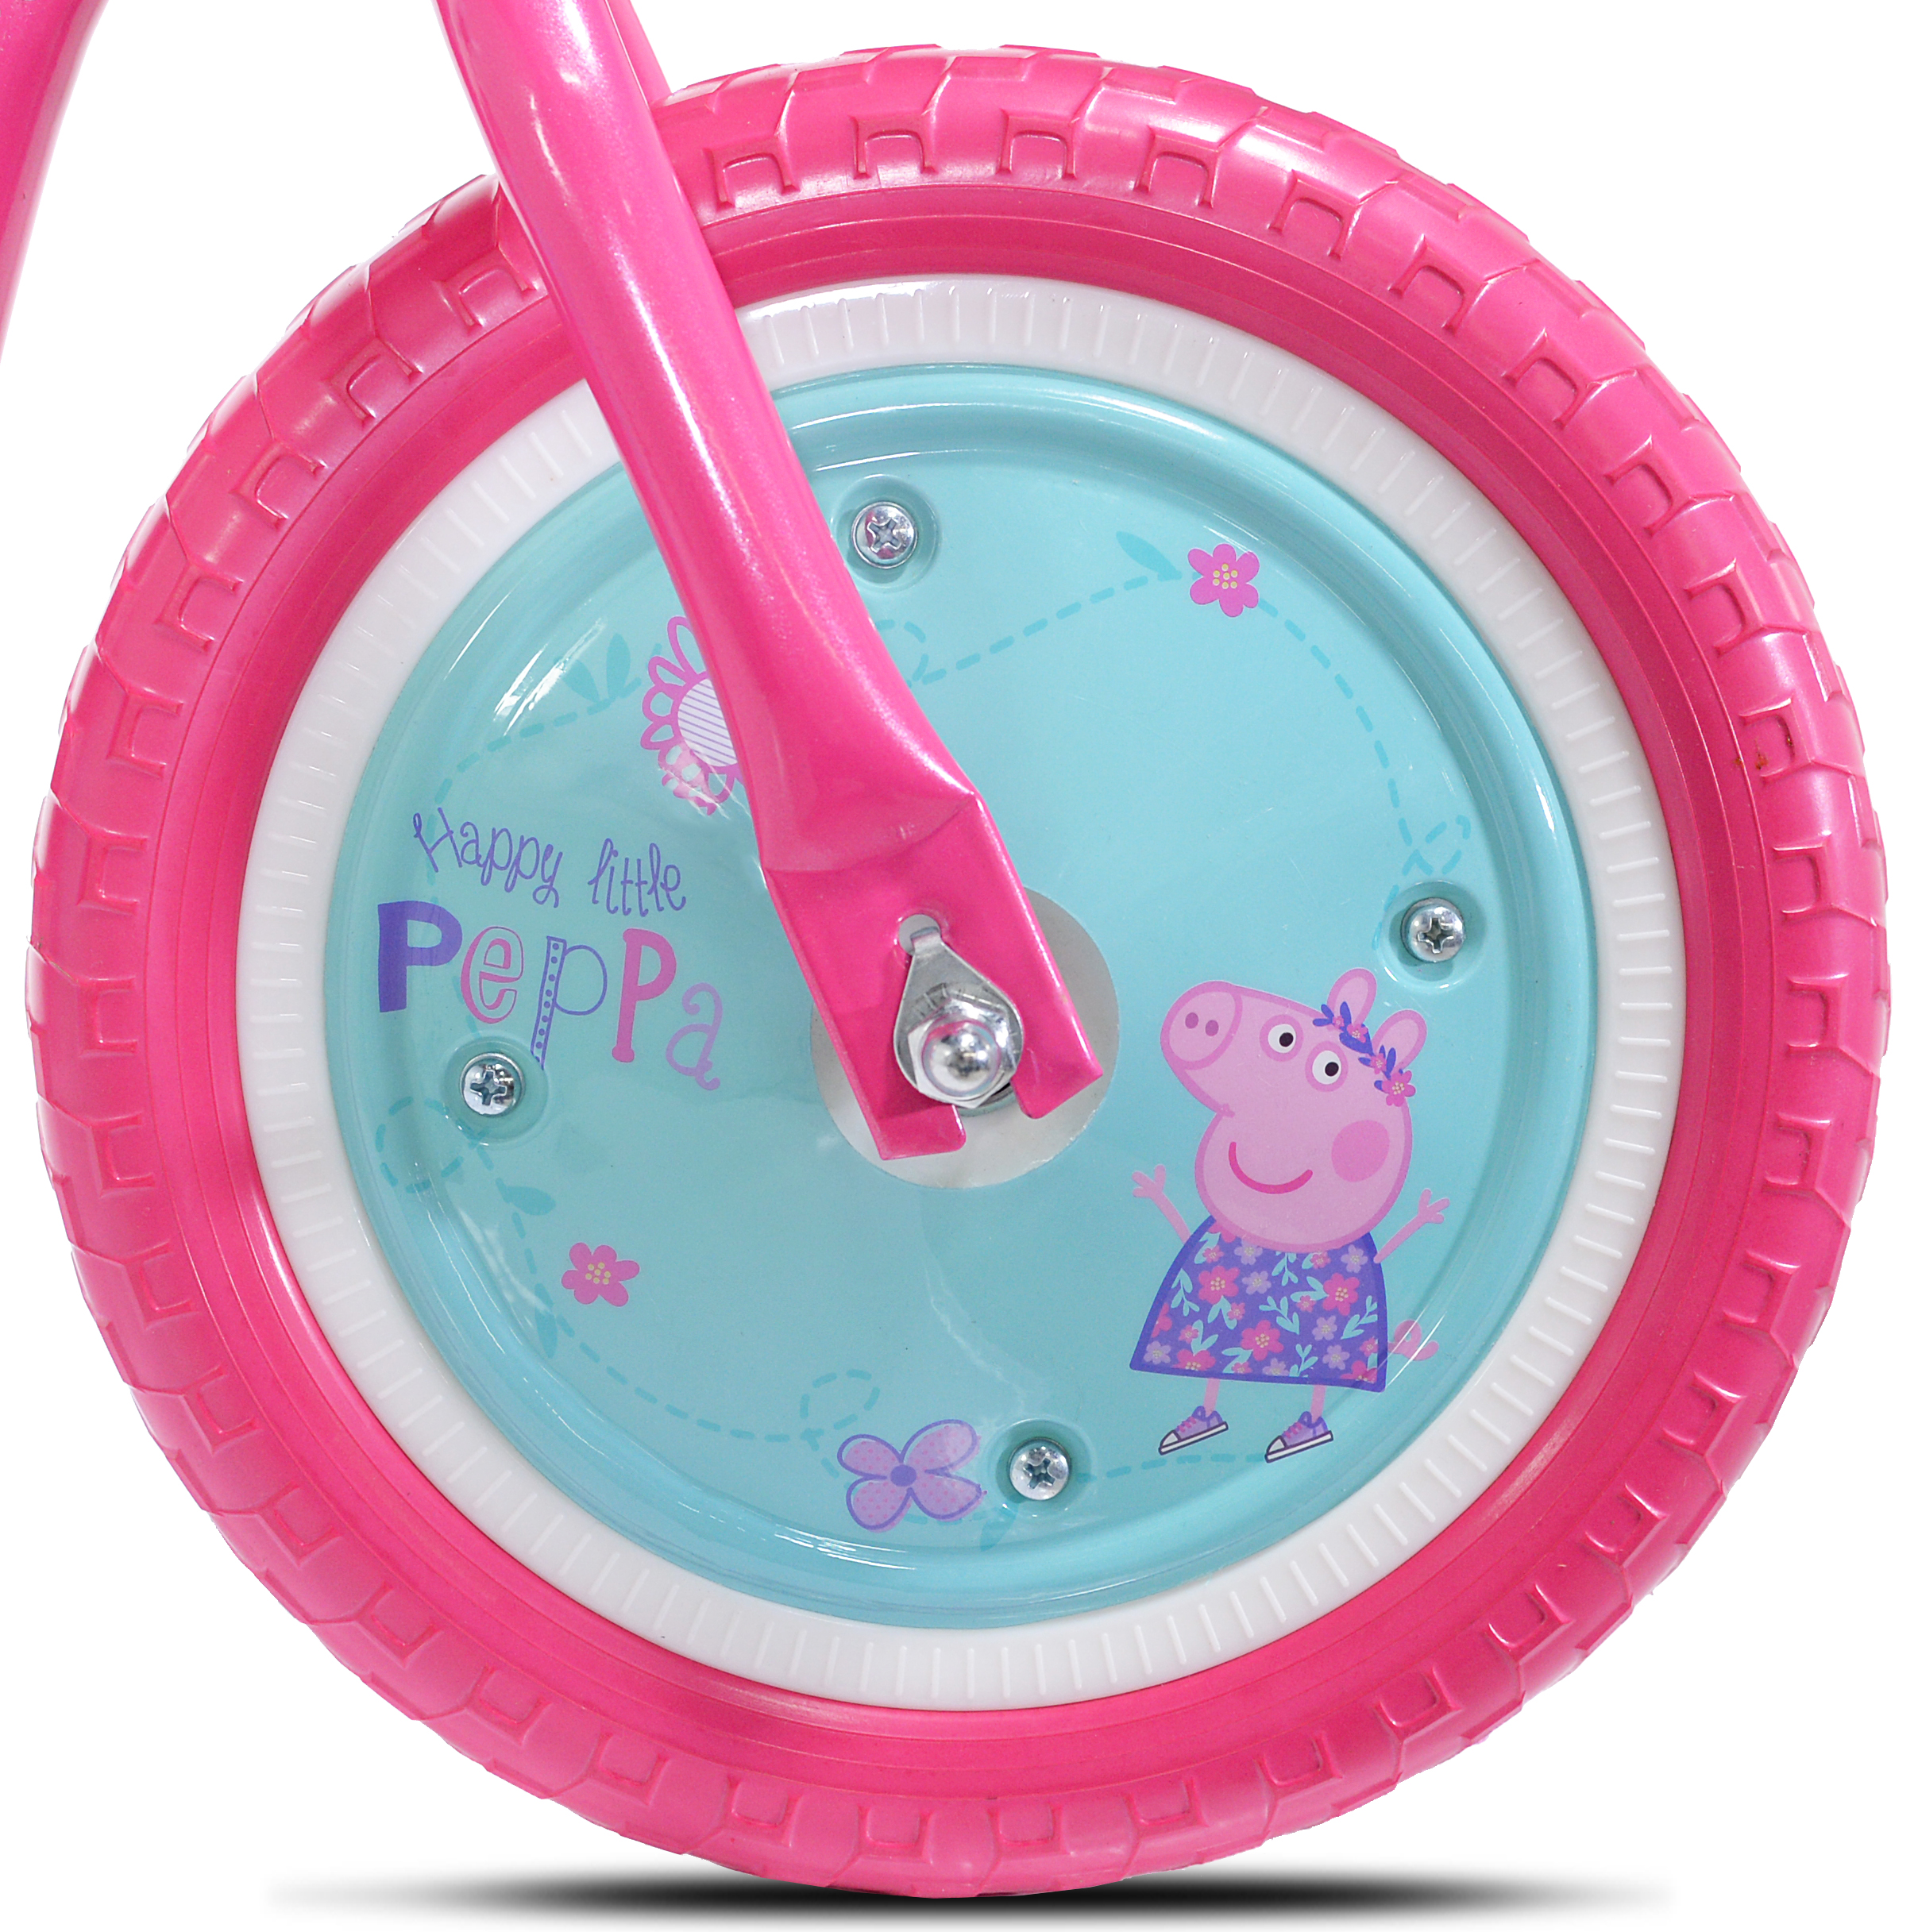 Kazam Child S Peppa Pig Balance Bike V2e For Ages 2 5